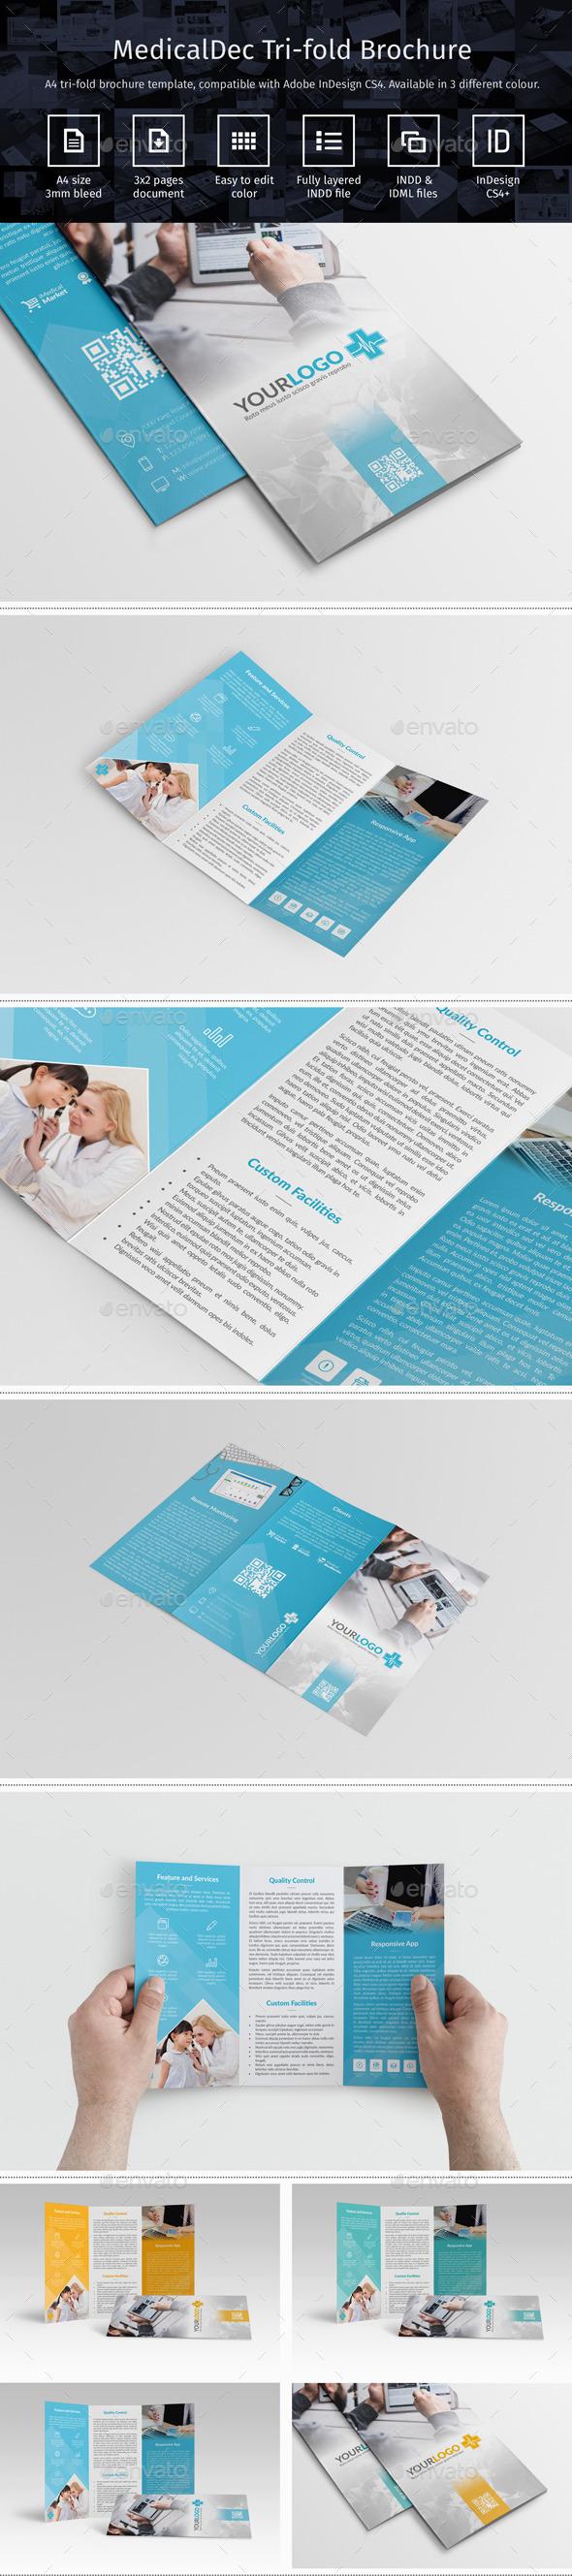 MedicalDec Trifold Brochure | Mercadillos